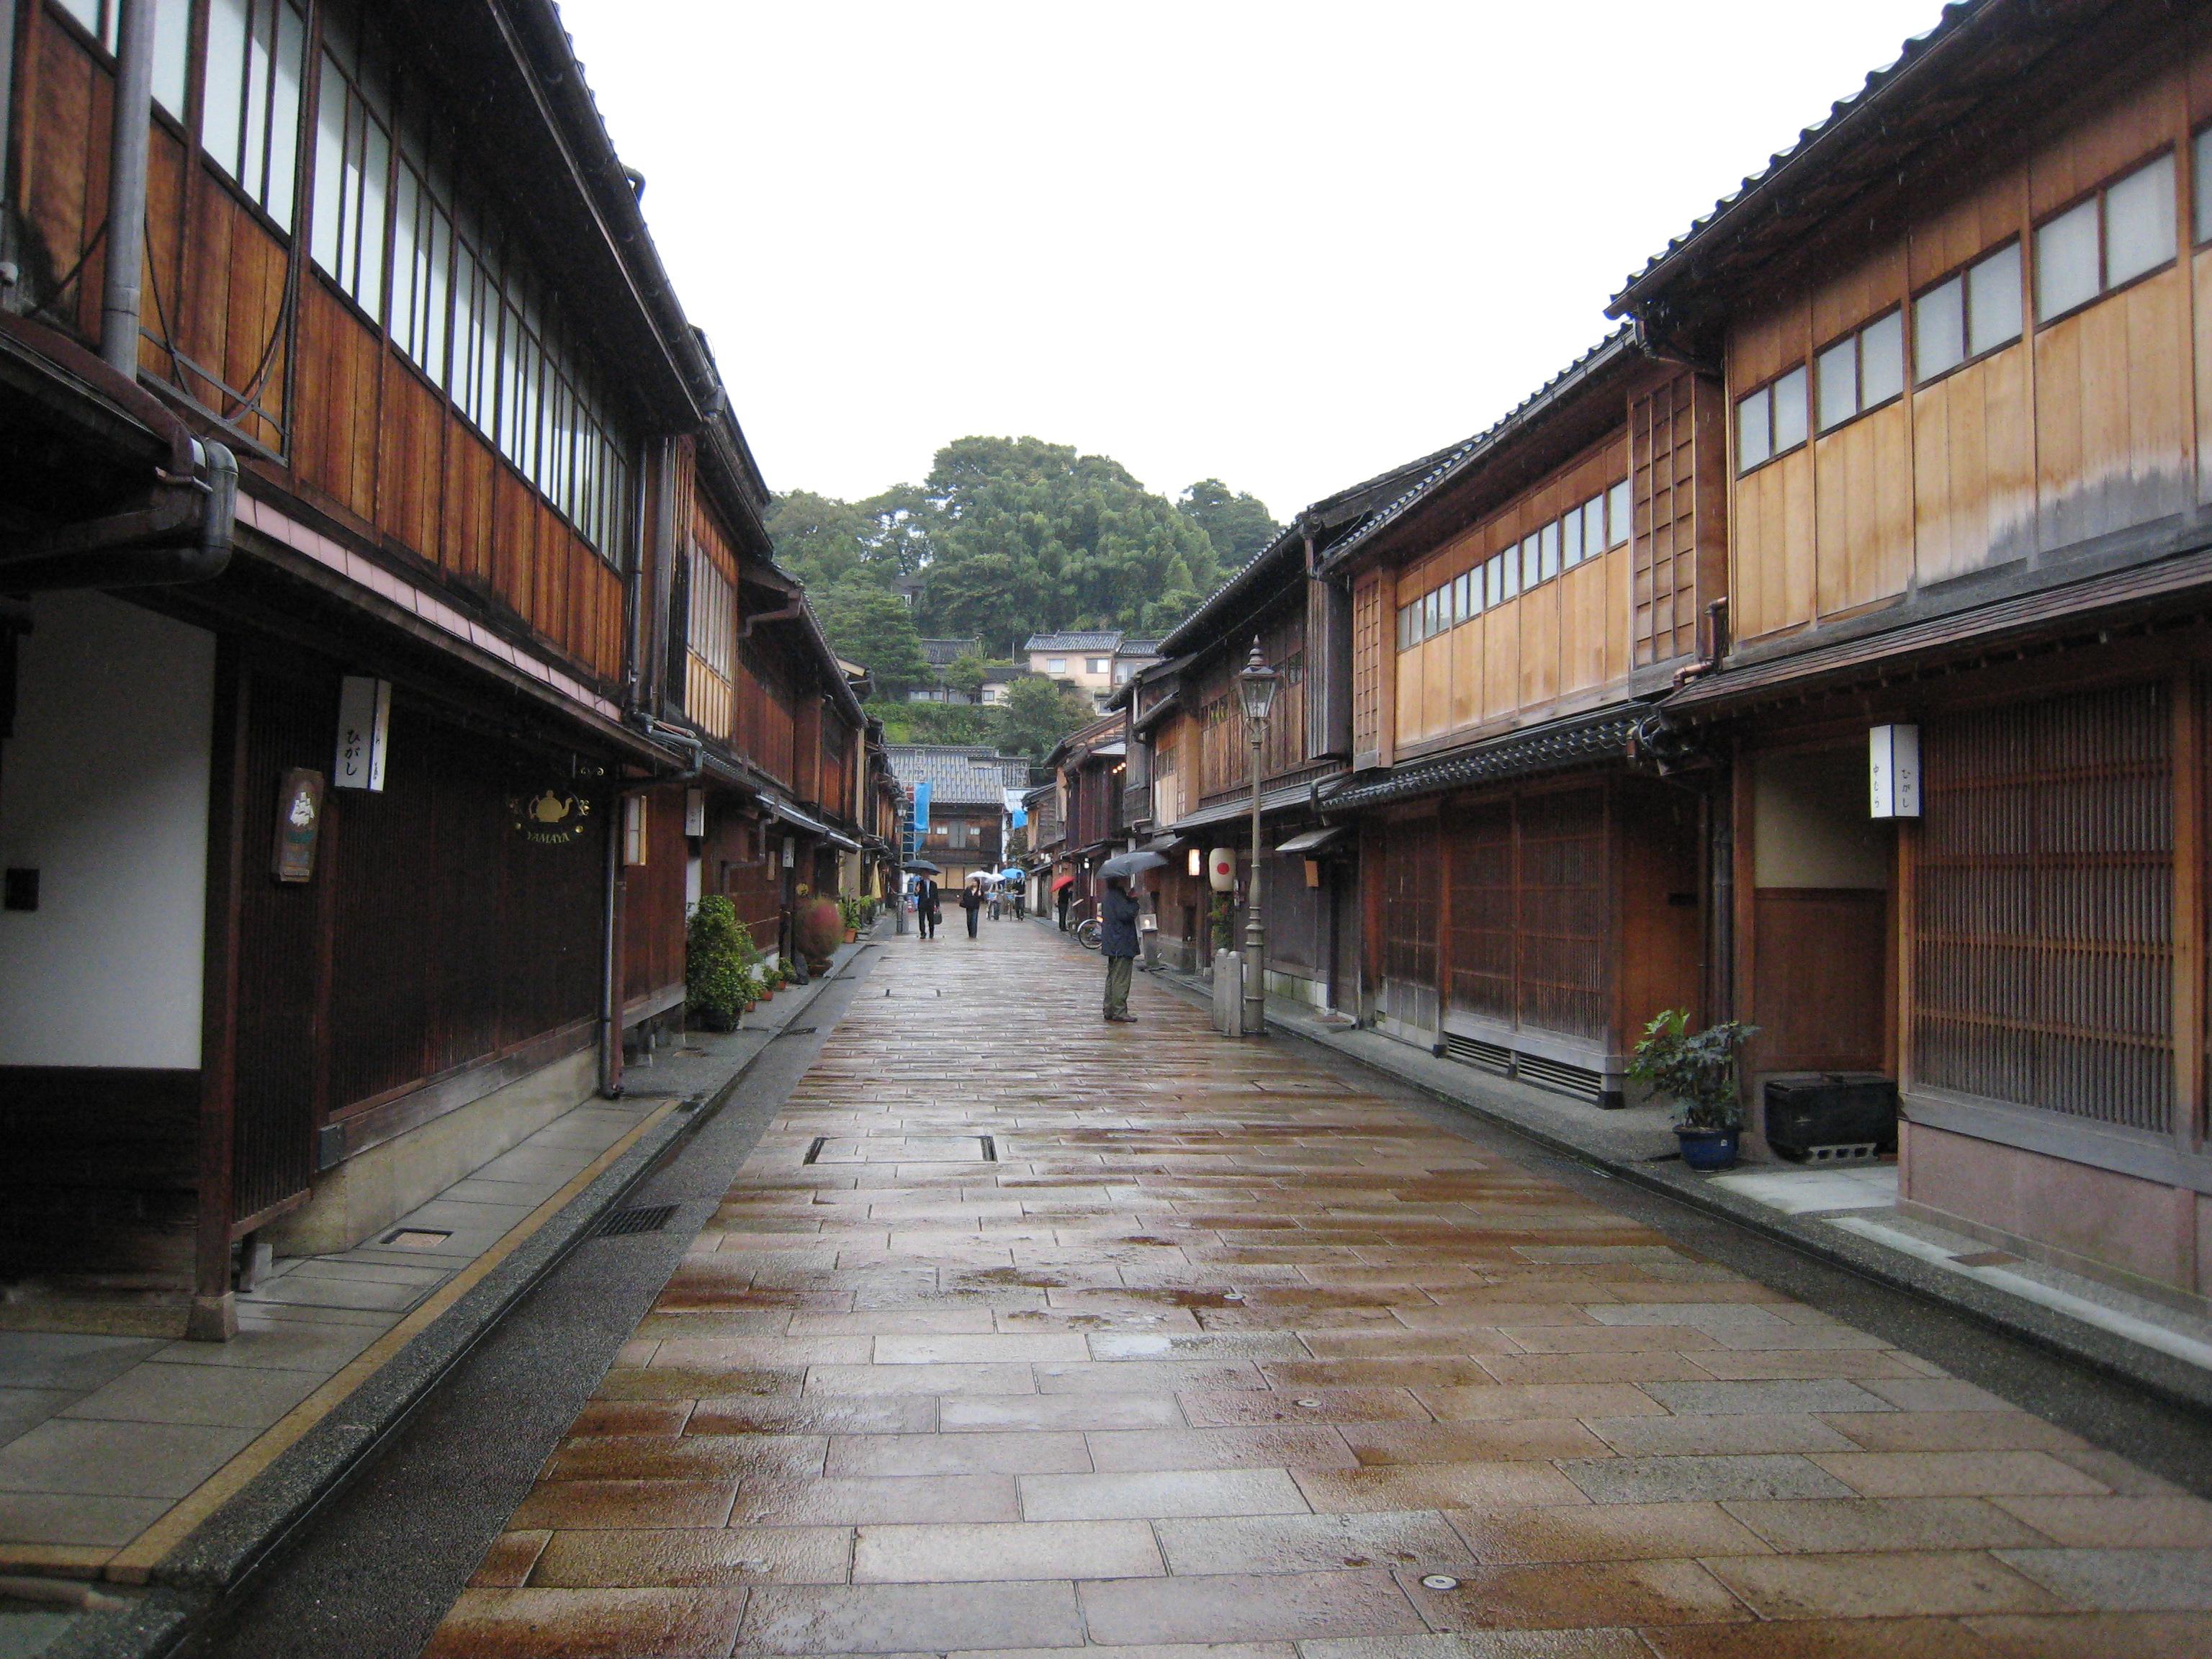 200330 金沢 ひがし茶屋街